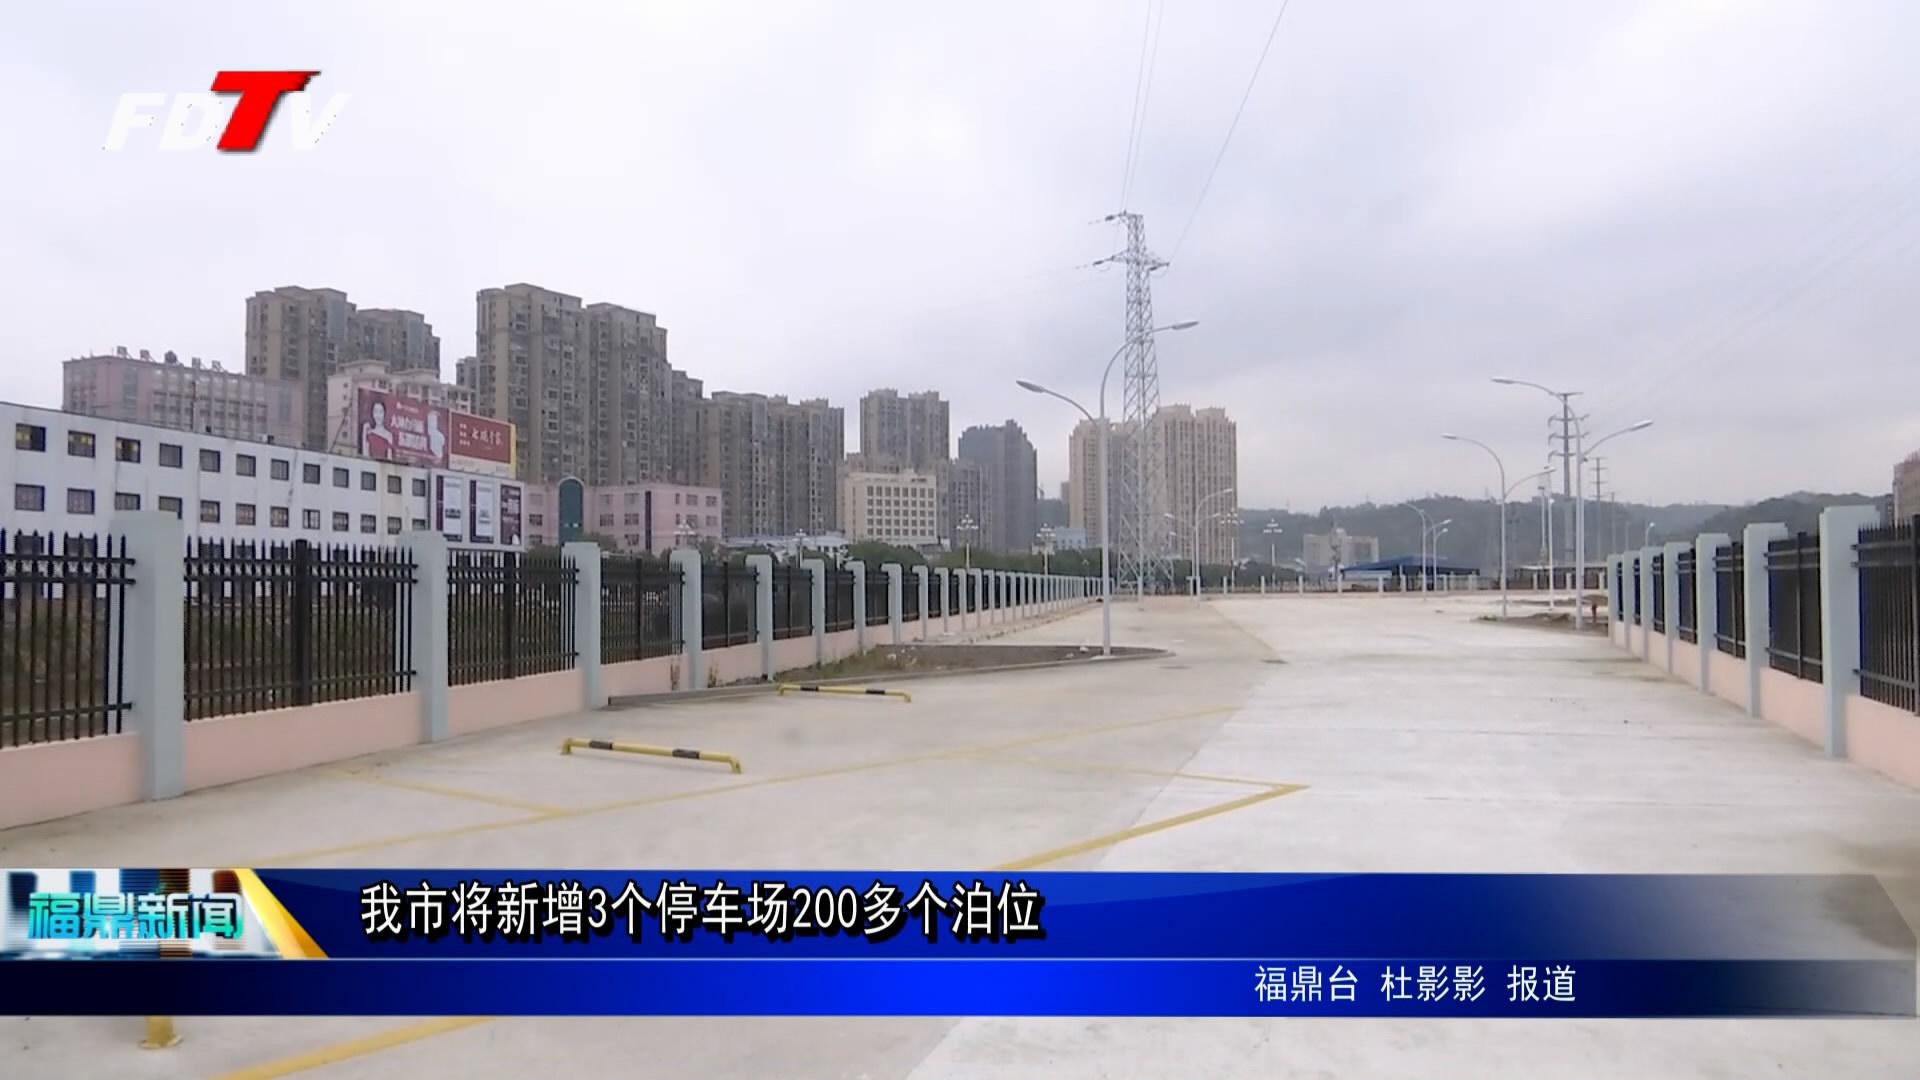 我市将新增3个停车场200多个泊位